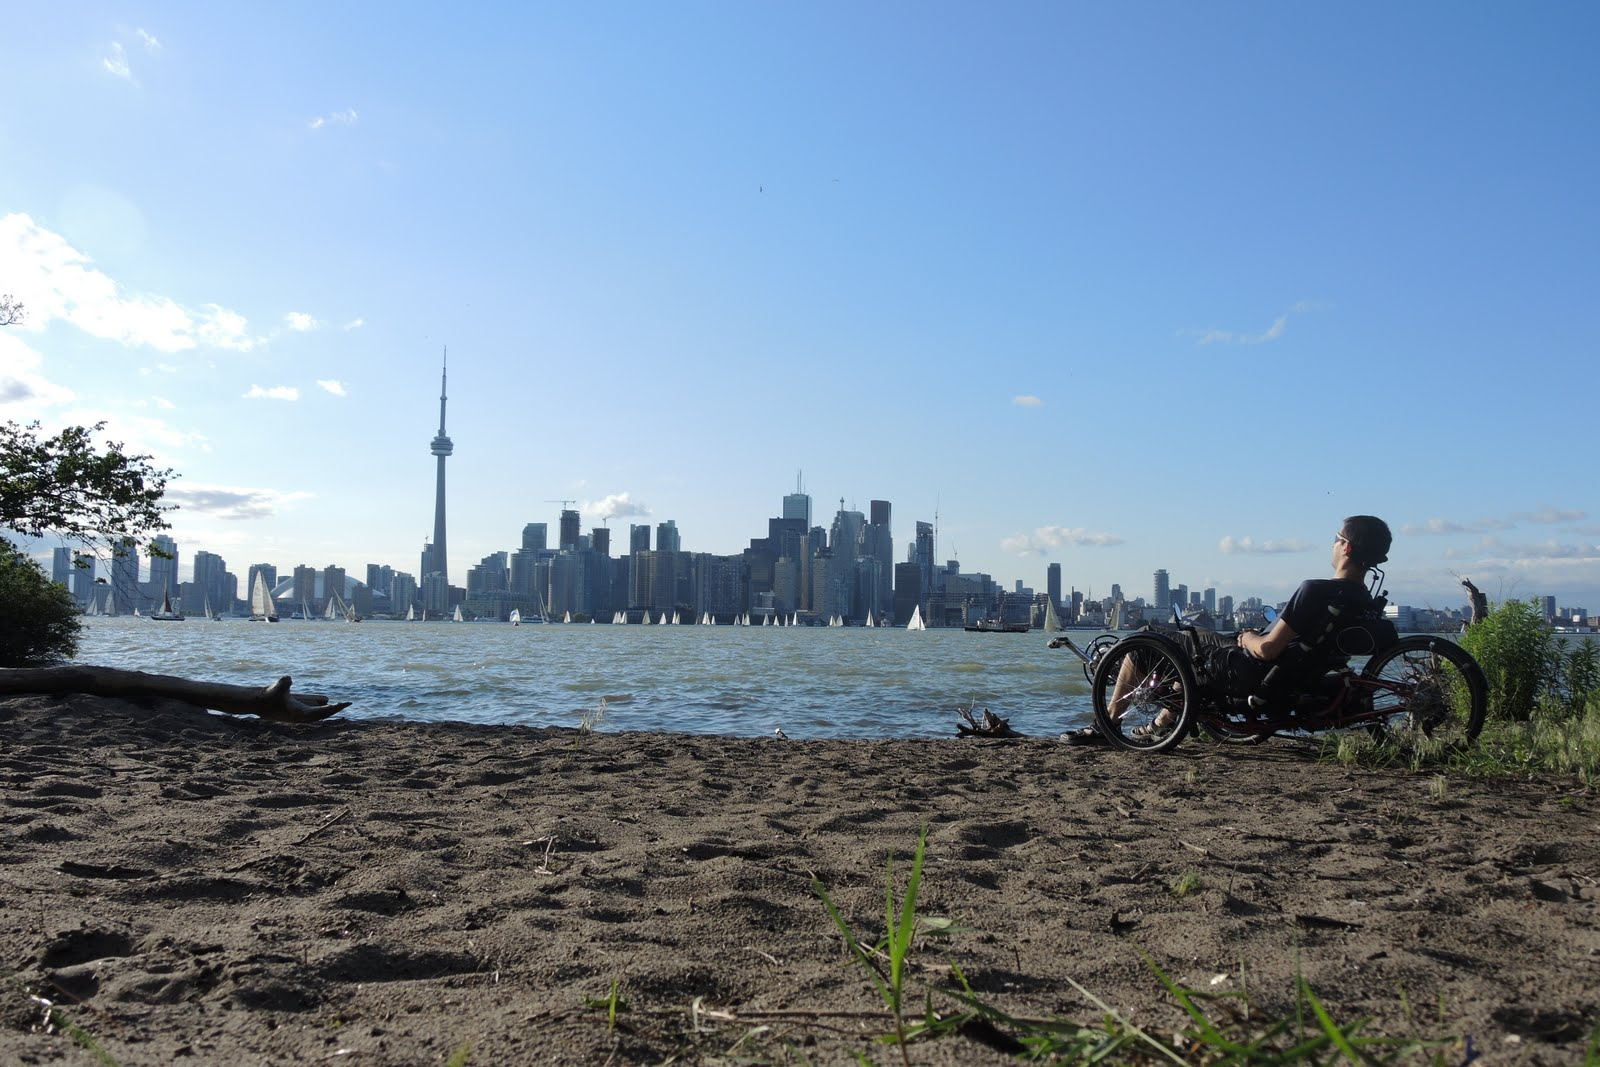 Au calme sur l'île de Toronto